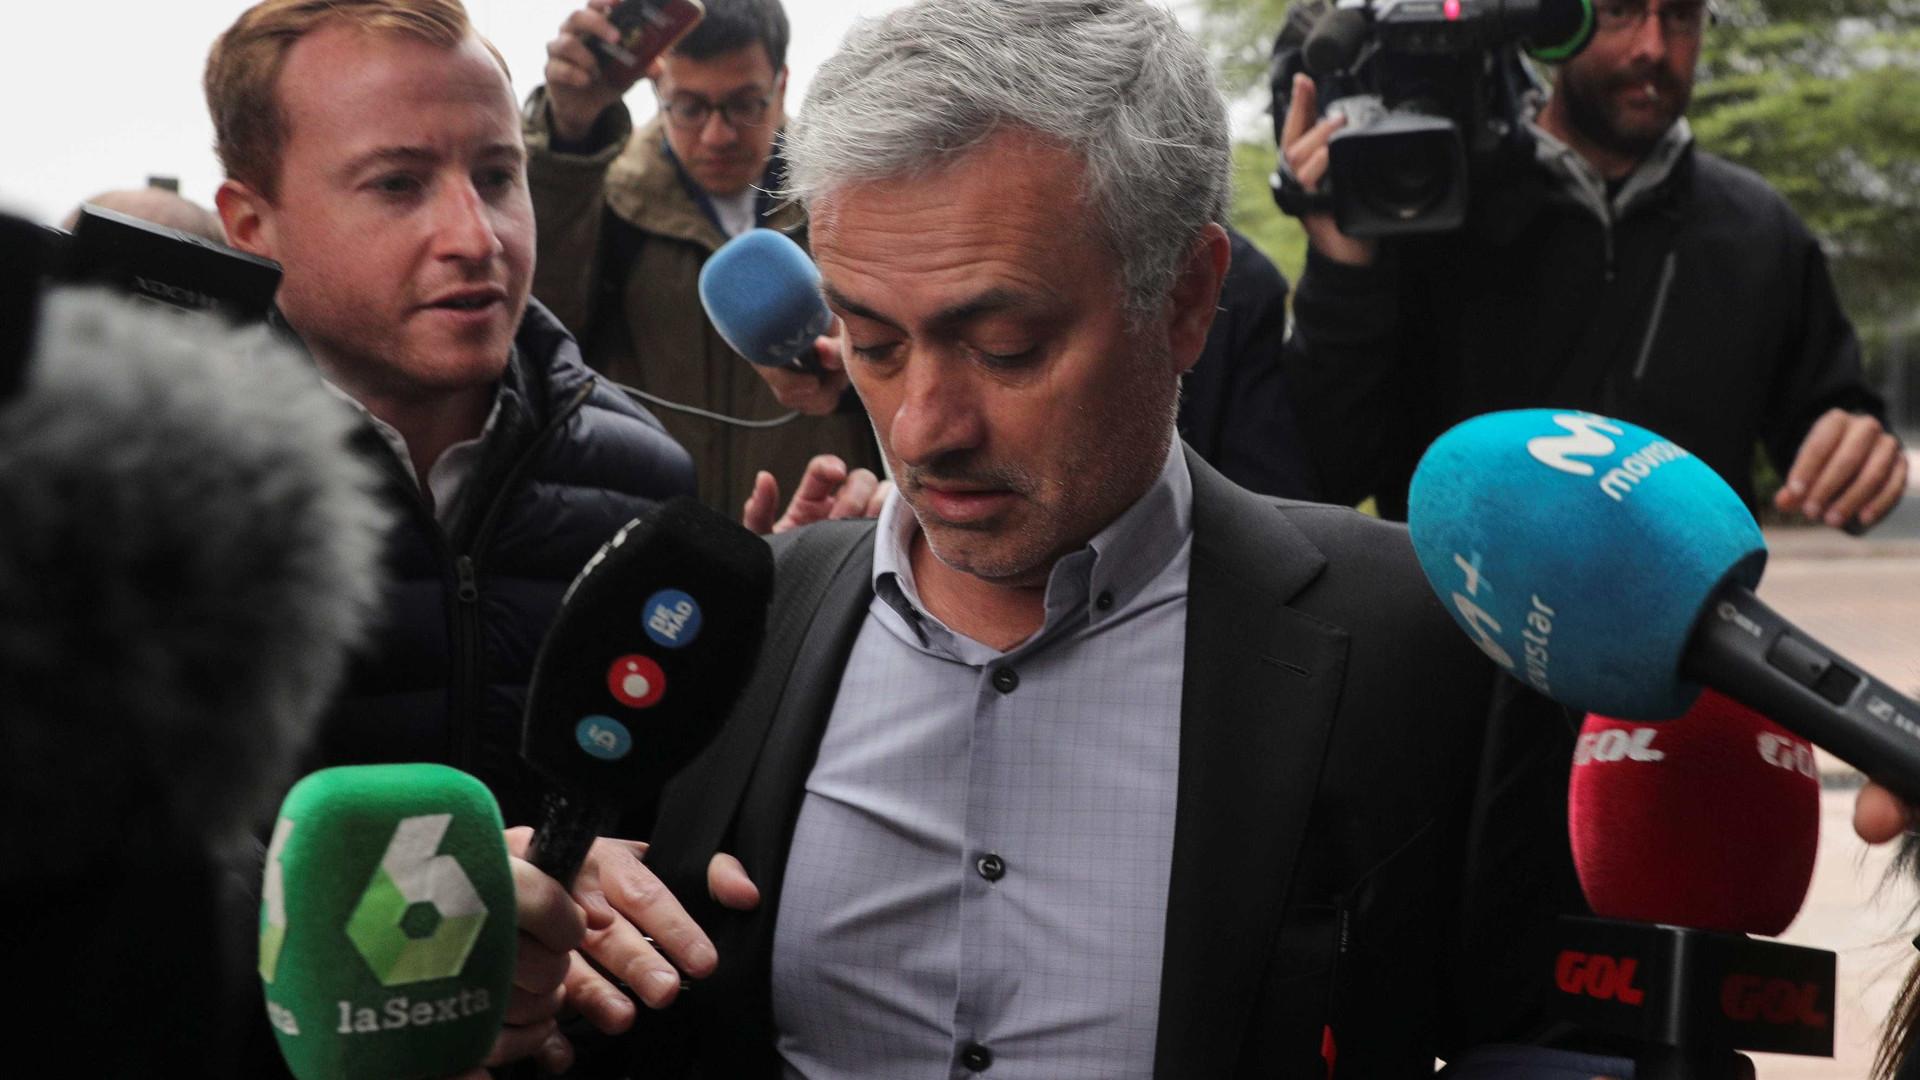 José Mourinho ouvido no tribunal em Espanha: 'O caso está encerrado'